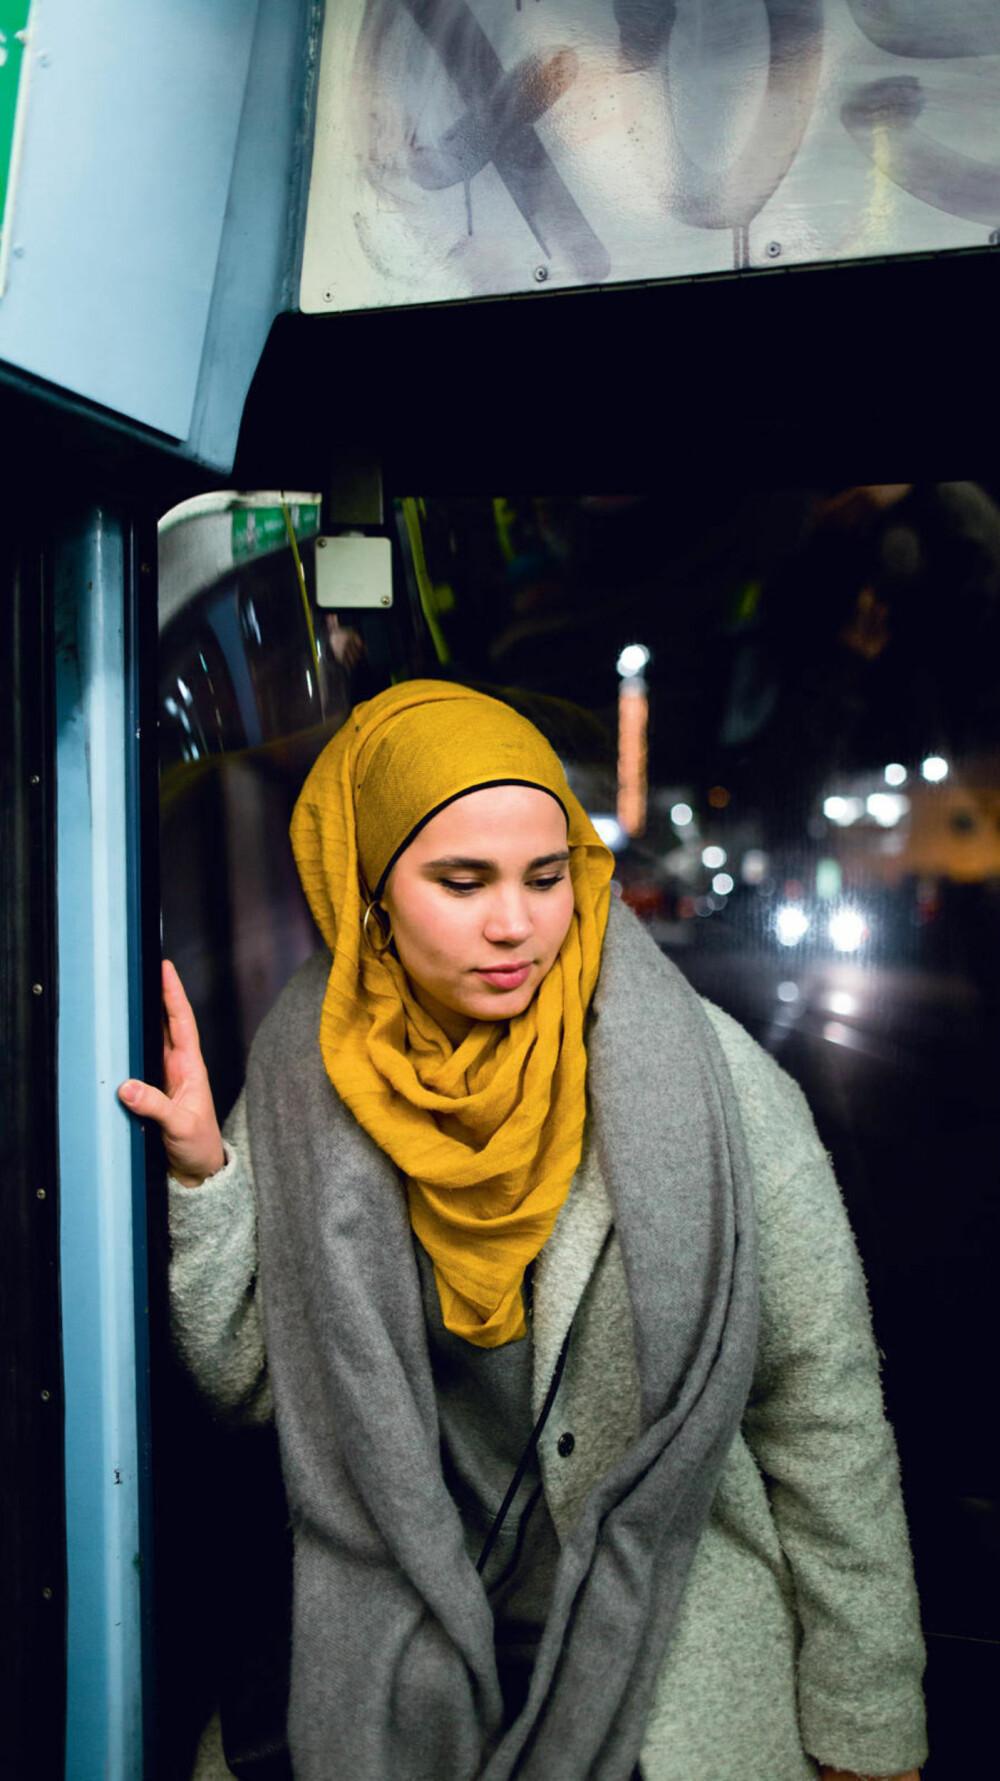 FORANDRING FRYDER: – Hijab er som vanlig klesstil. Det kommer an på humør, dag, årstid. Akkurat nå er jeg fan av jordfarger, forteller Iman.